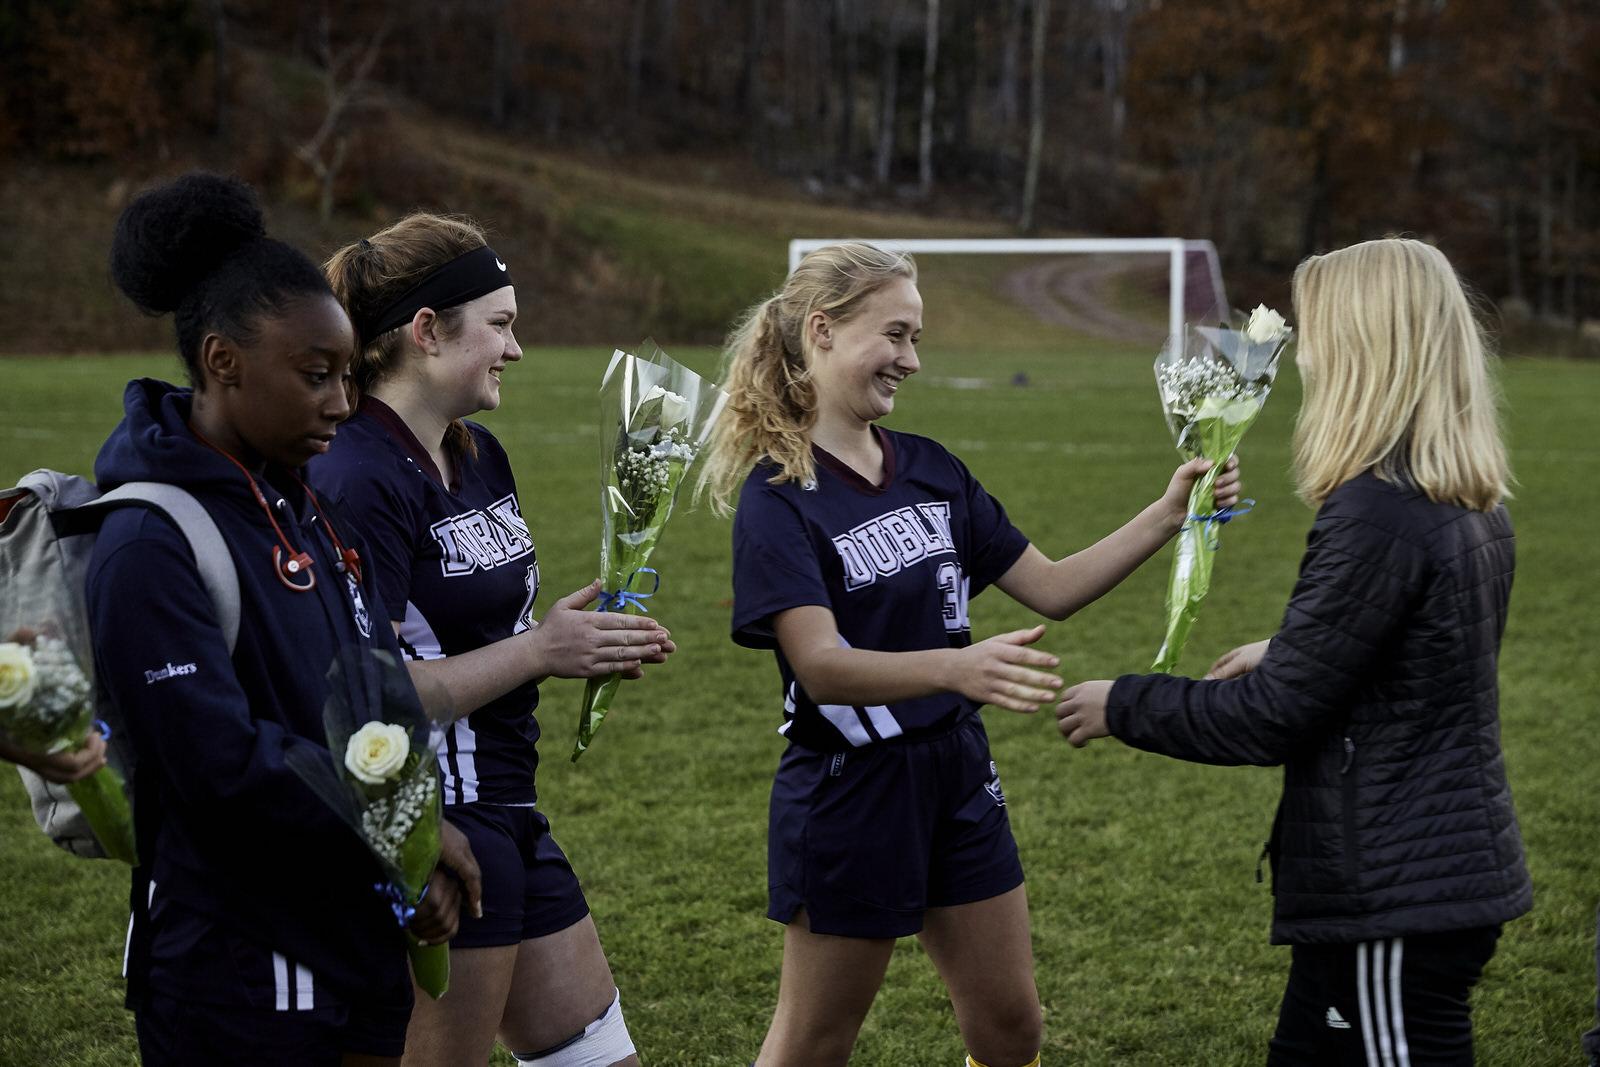 Girls Varsity Soccer vs. White Mountain School - November 7, 2018 - Nov 07 2018 - 0072.jpg